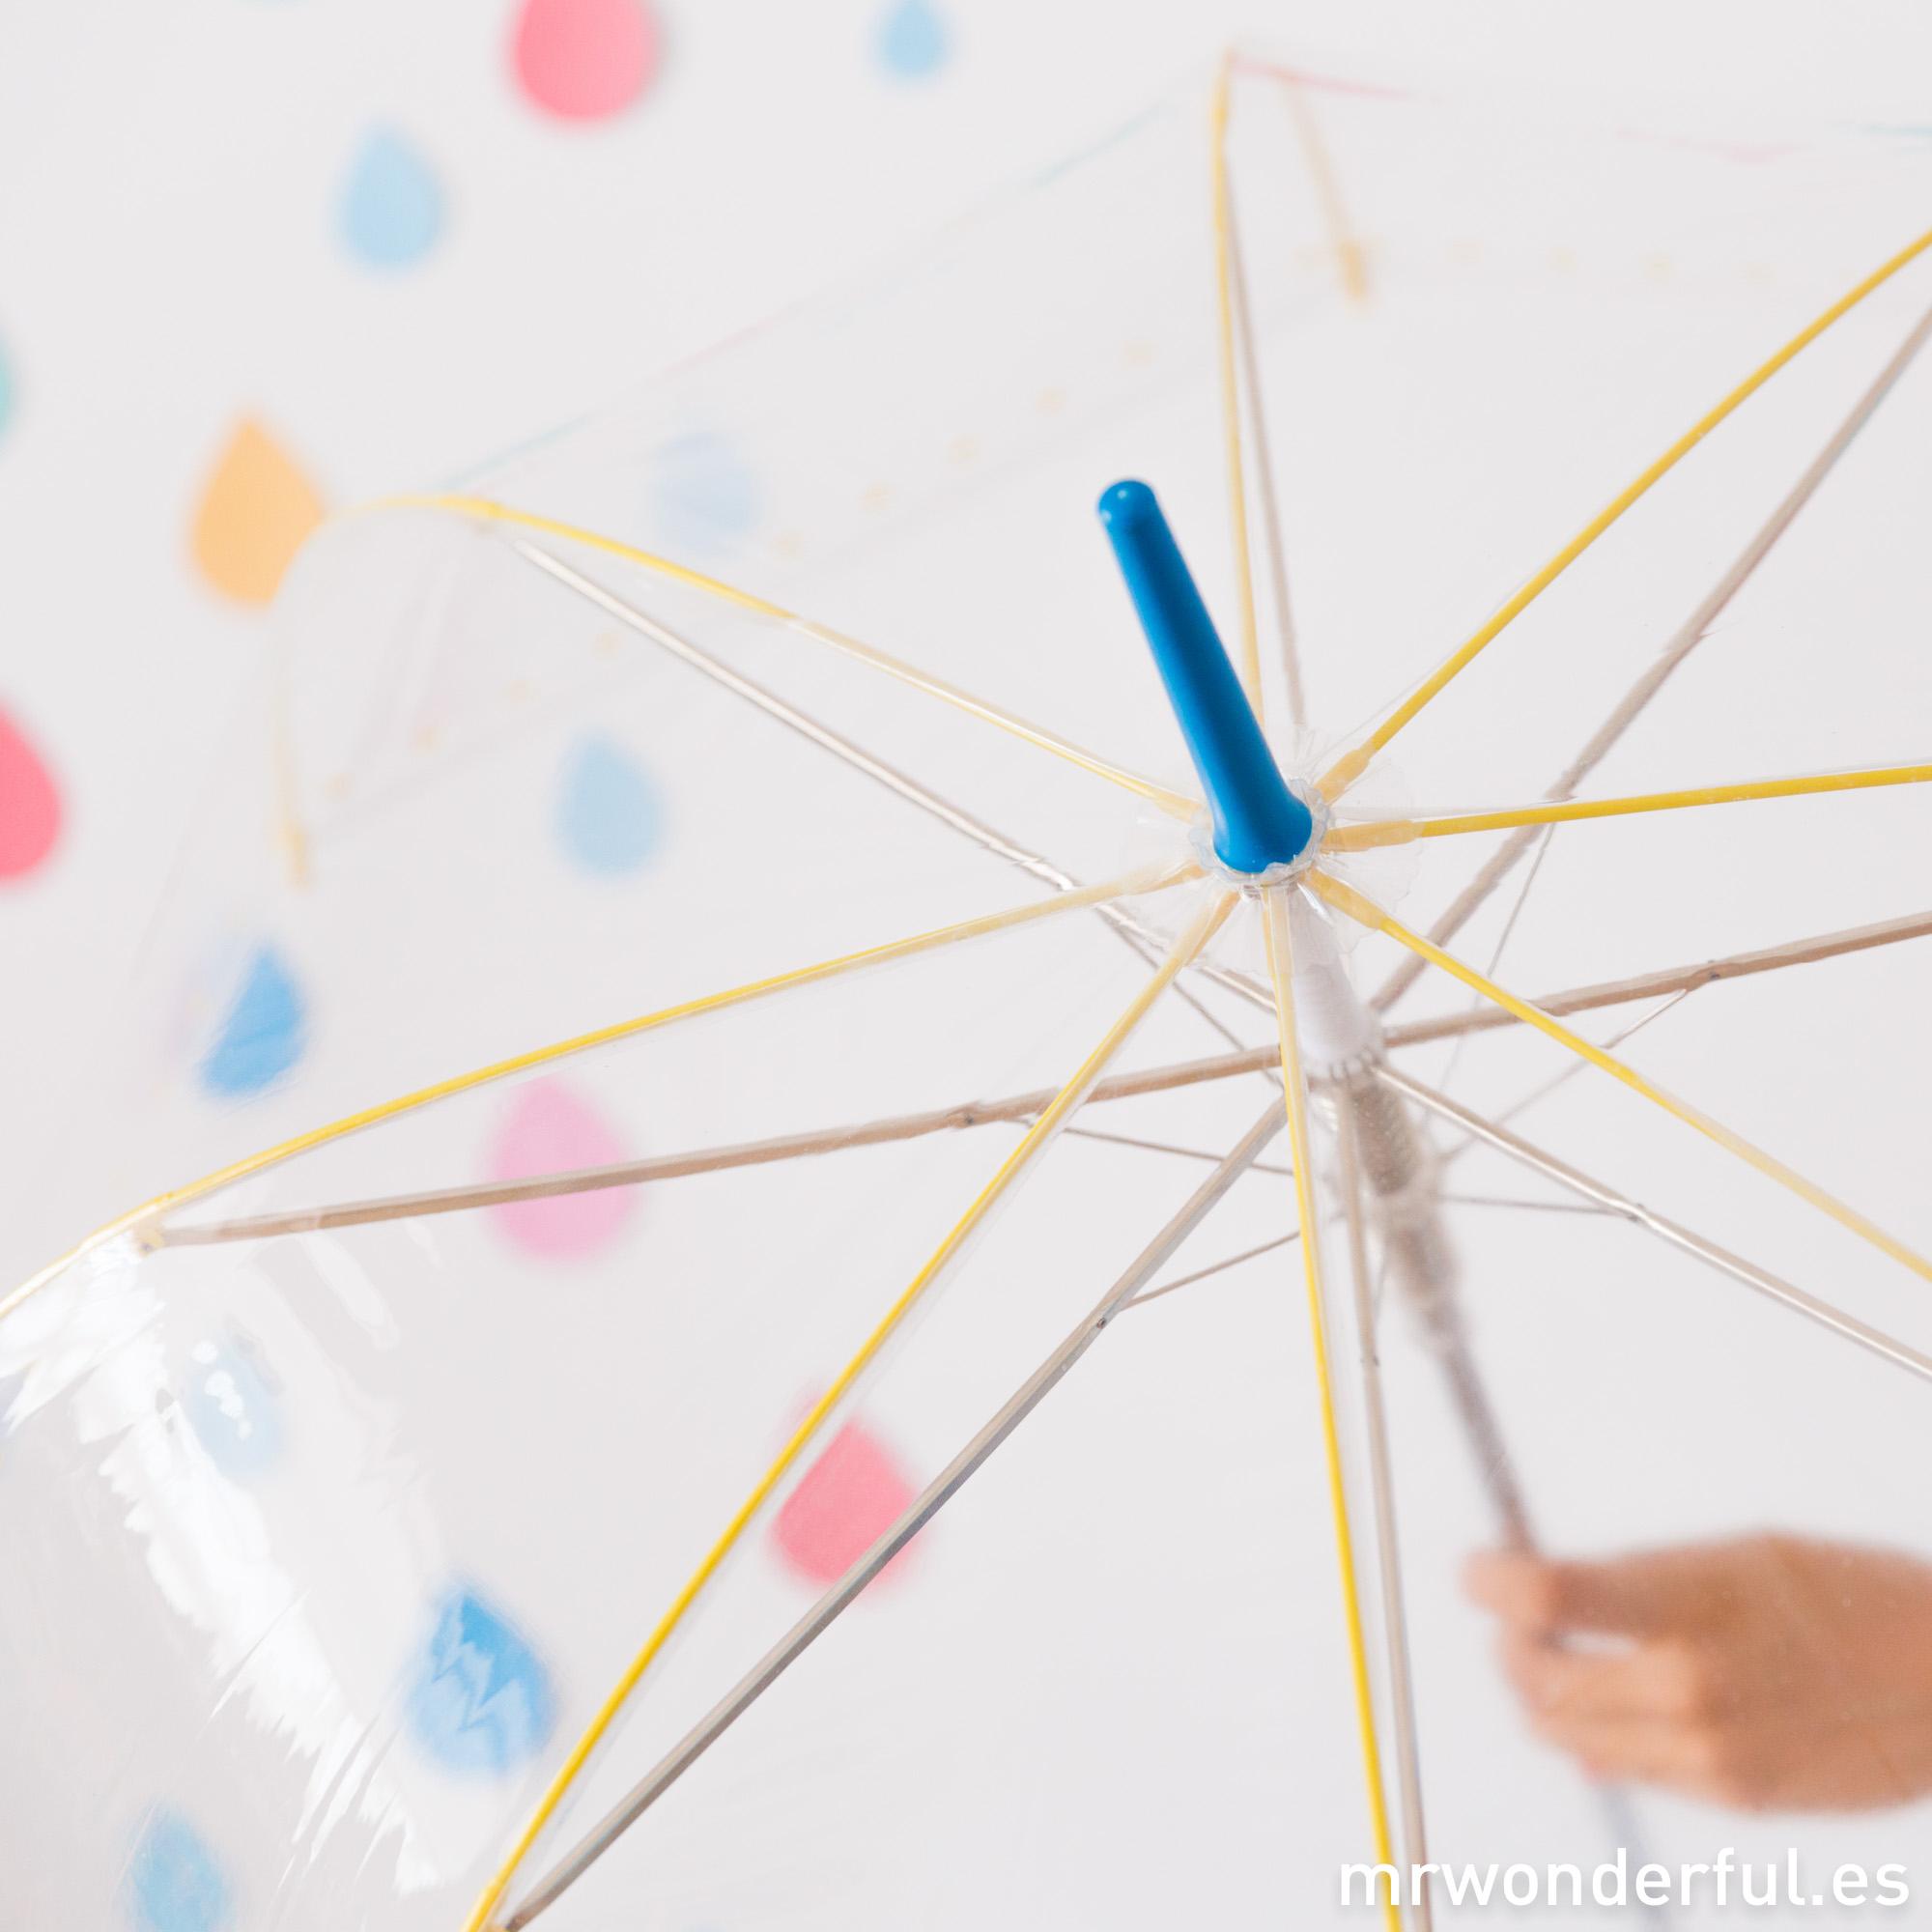 mrwonderful_8435460706841_paraguas_aqui-debajo-brilla-el-sol-ES-5